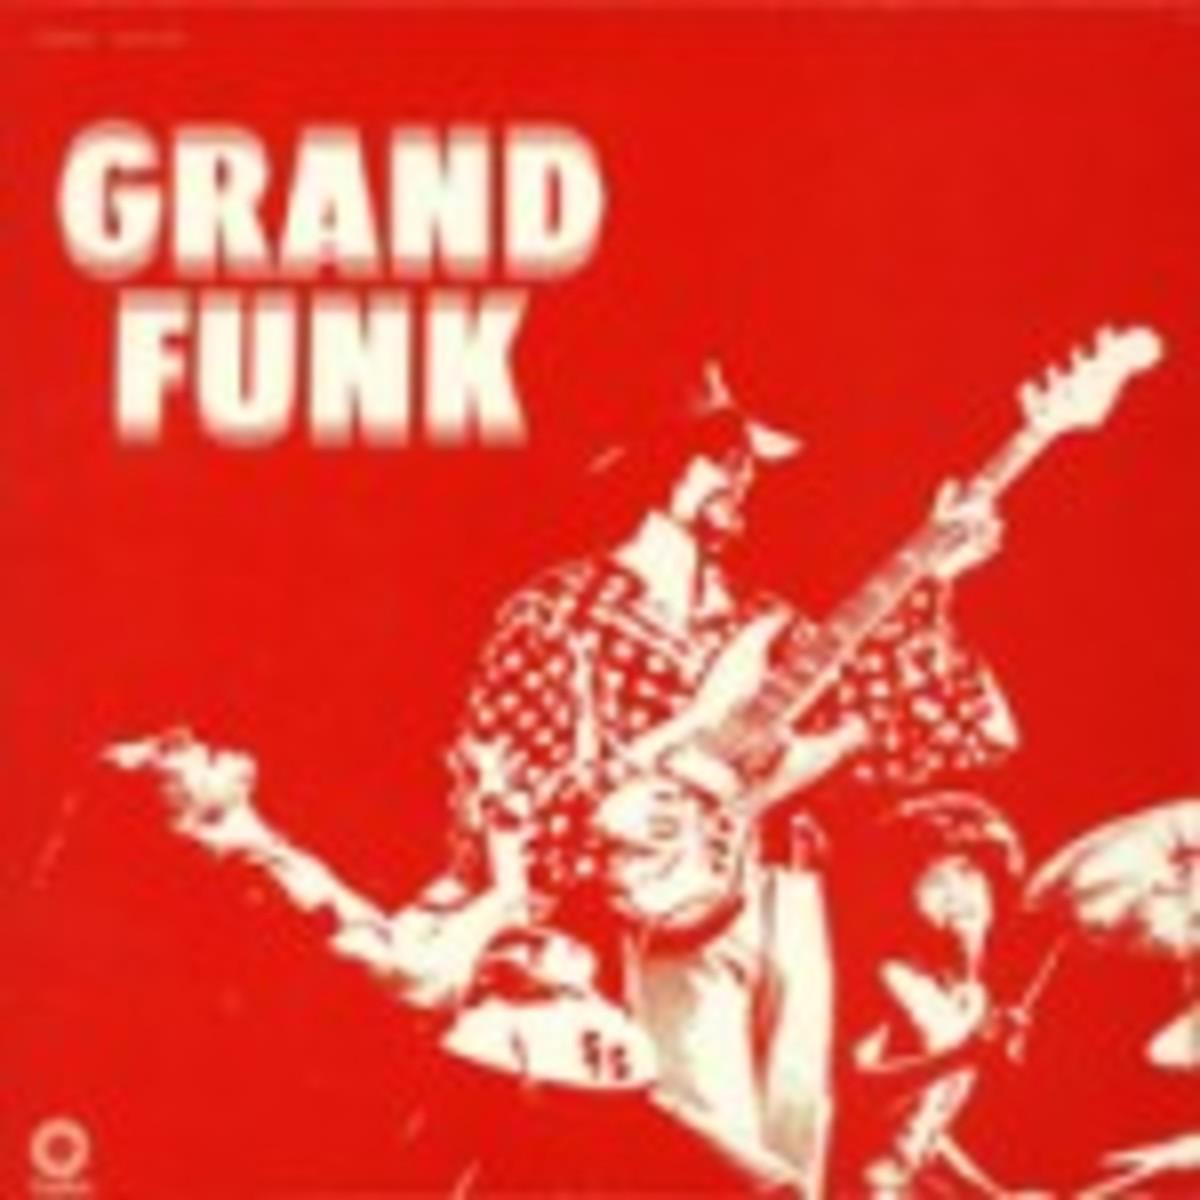 GrandFunkRailroad_GrandFunk